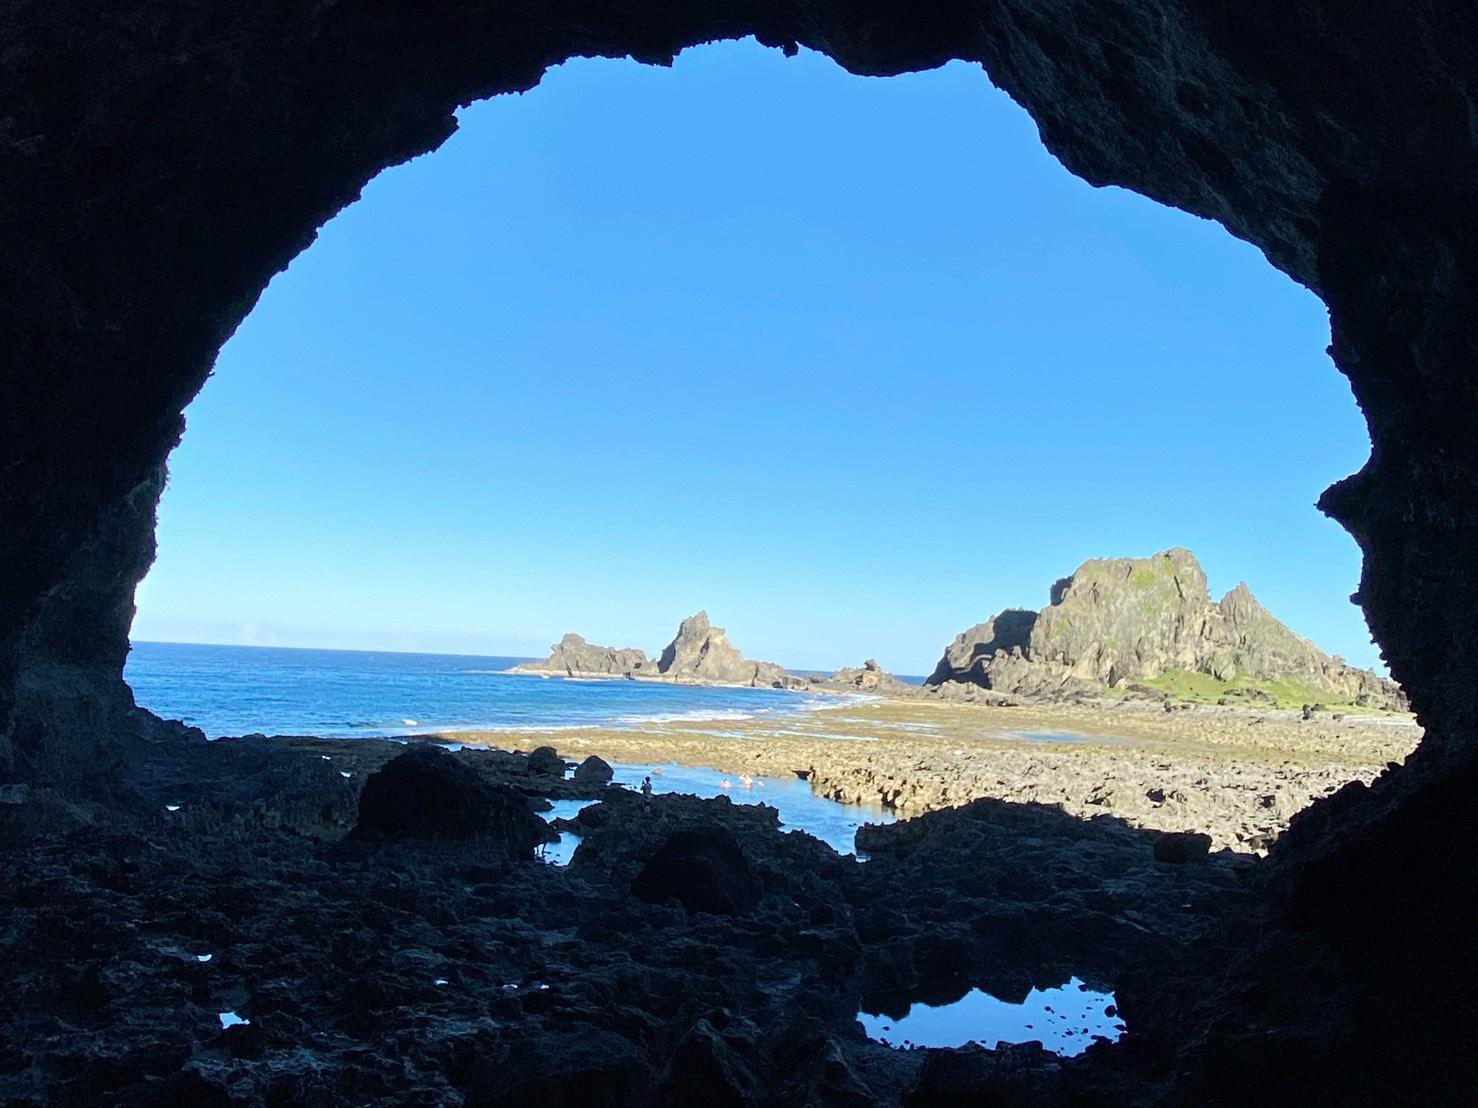 ▲柚子湖附近的彎弓洞,是綠島島上最大的海蝕洞,從彎弓洞往外望,有如藍色眼睛,因而彎弓洞也有「藍眼睛」的美稱。